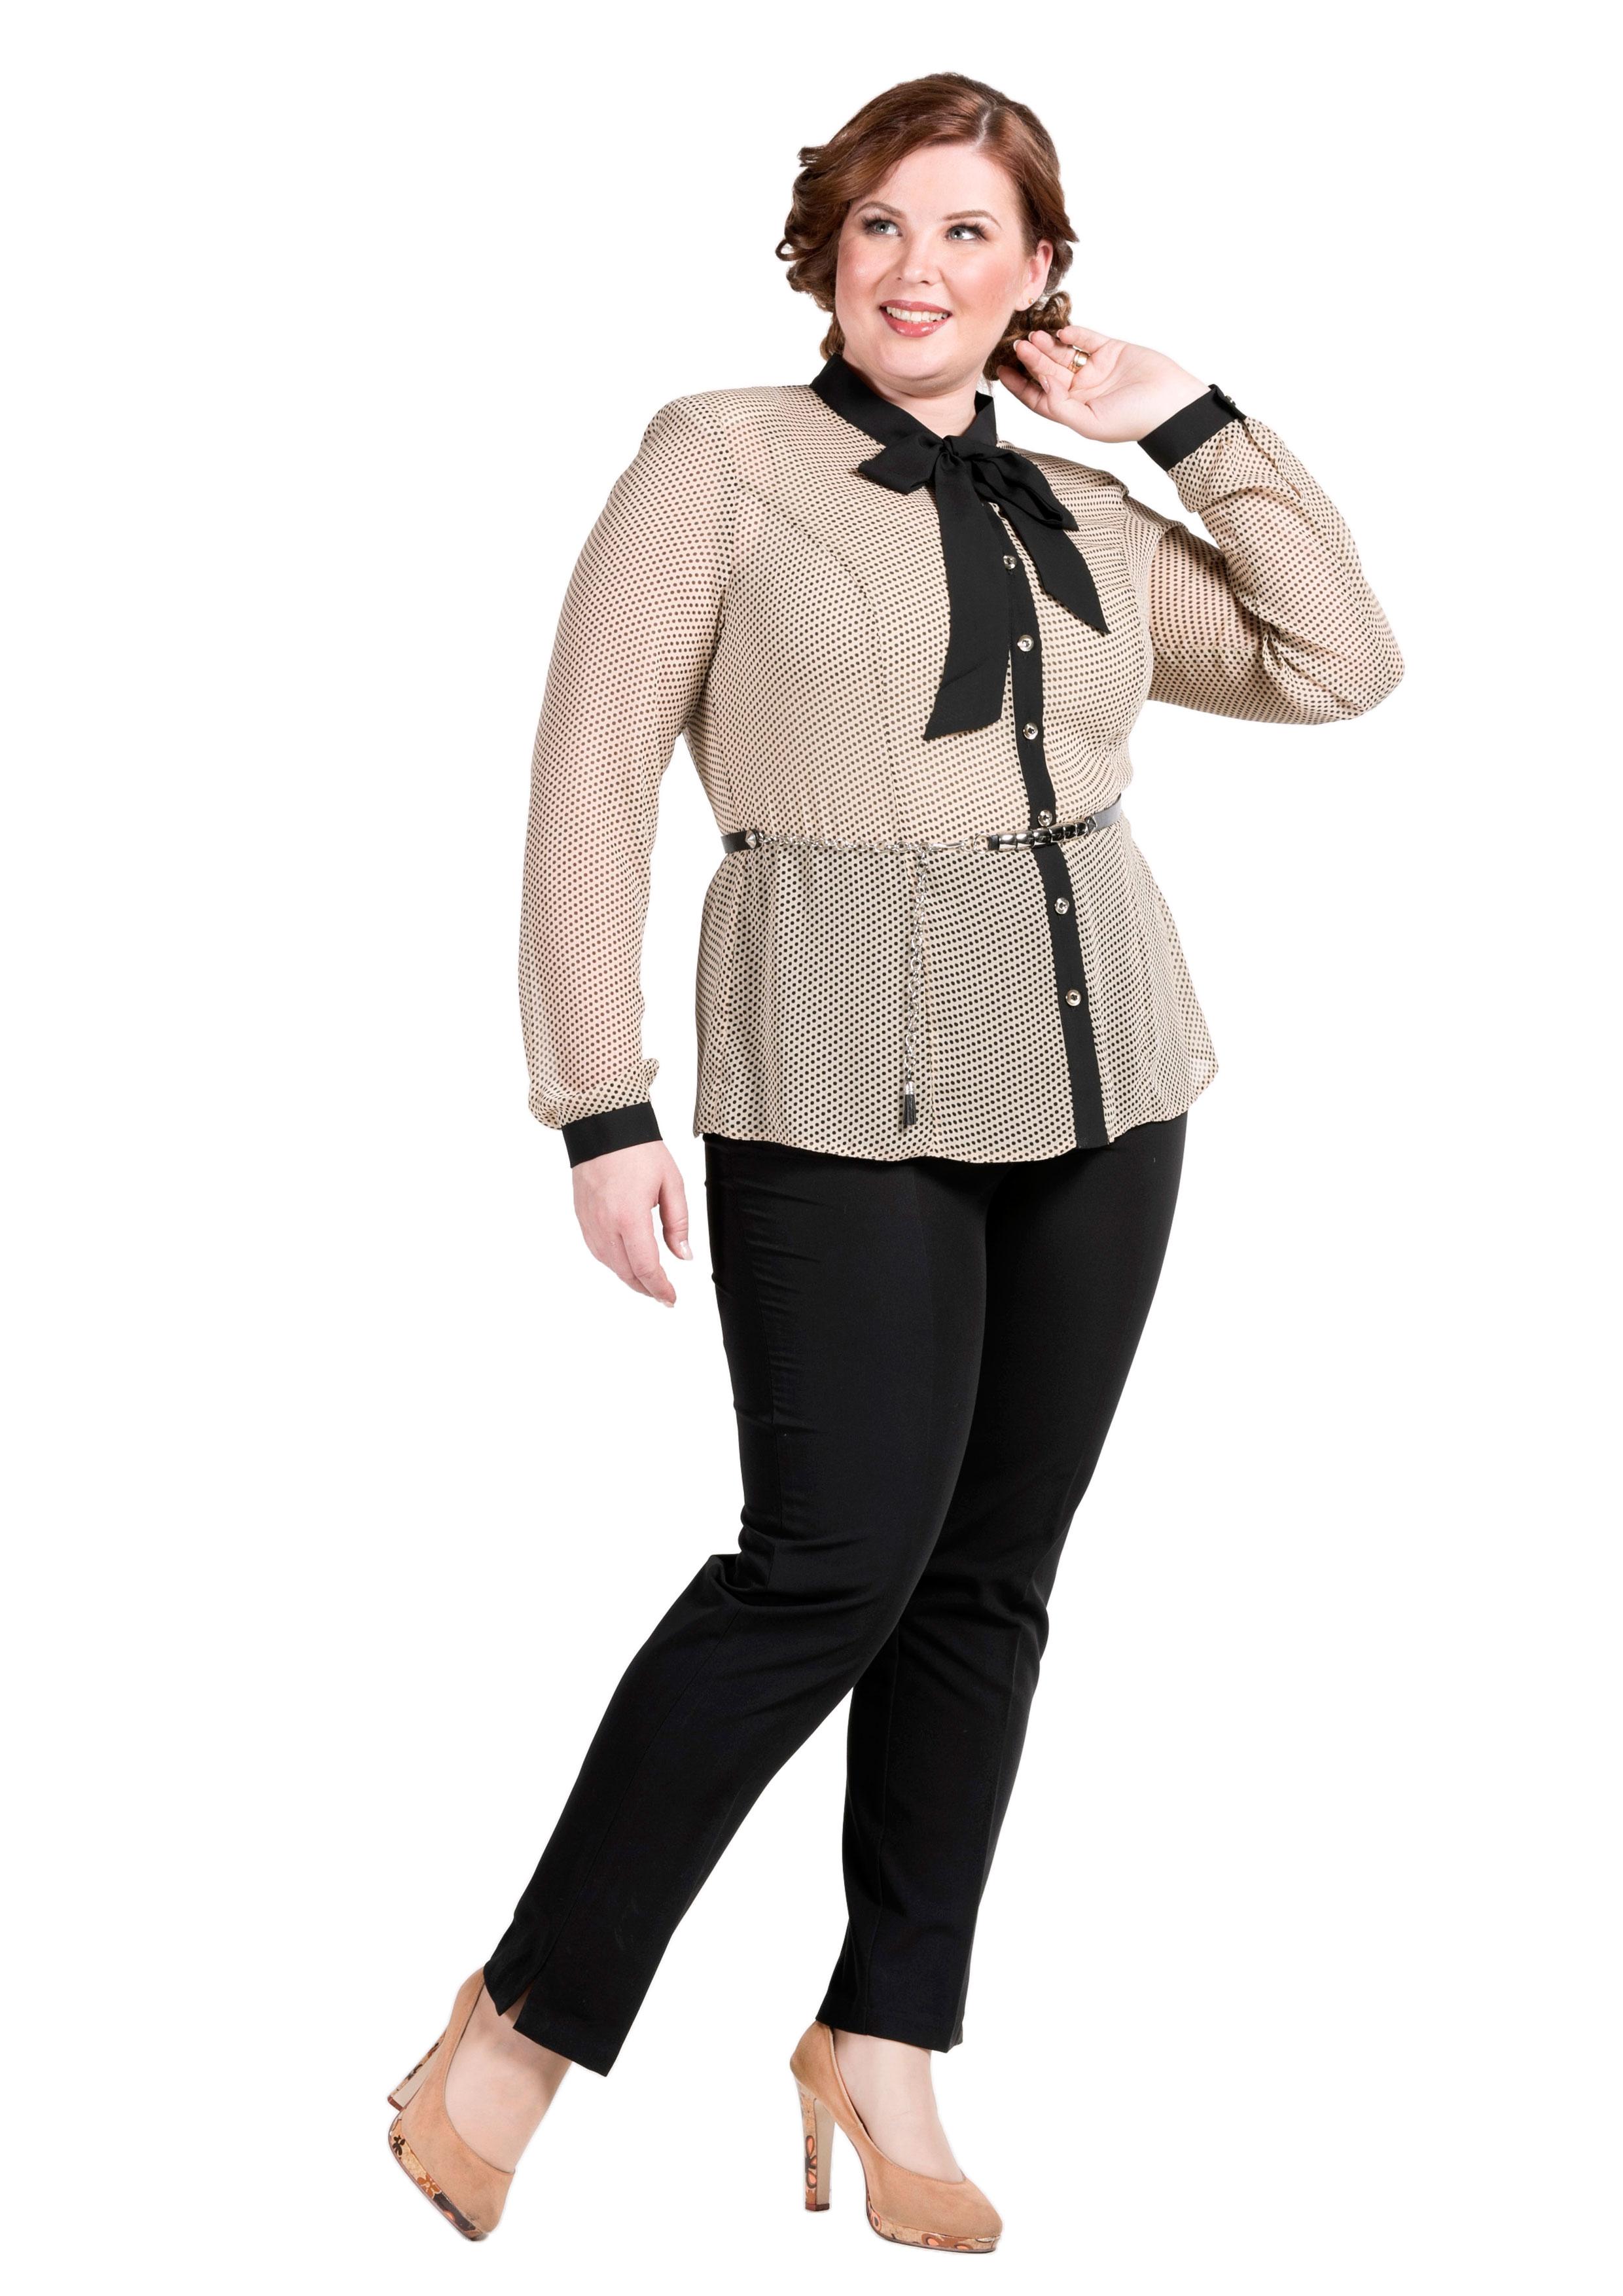 Женская Одежда Интикома С Доставкой